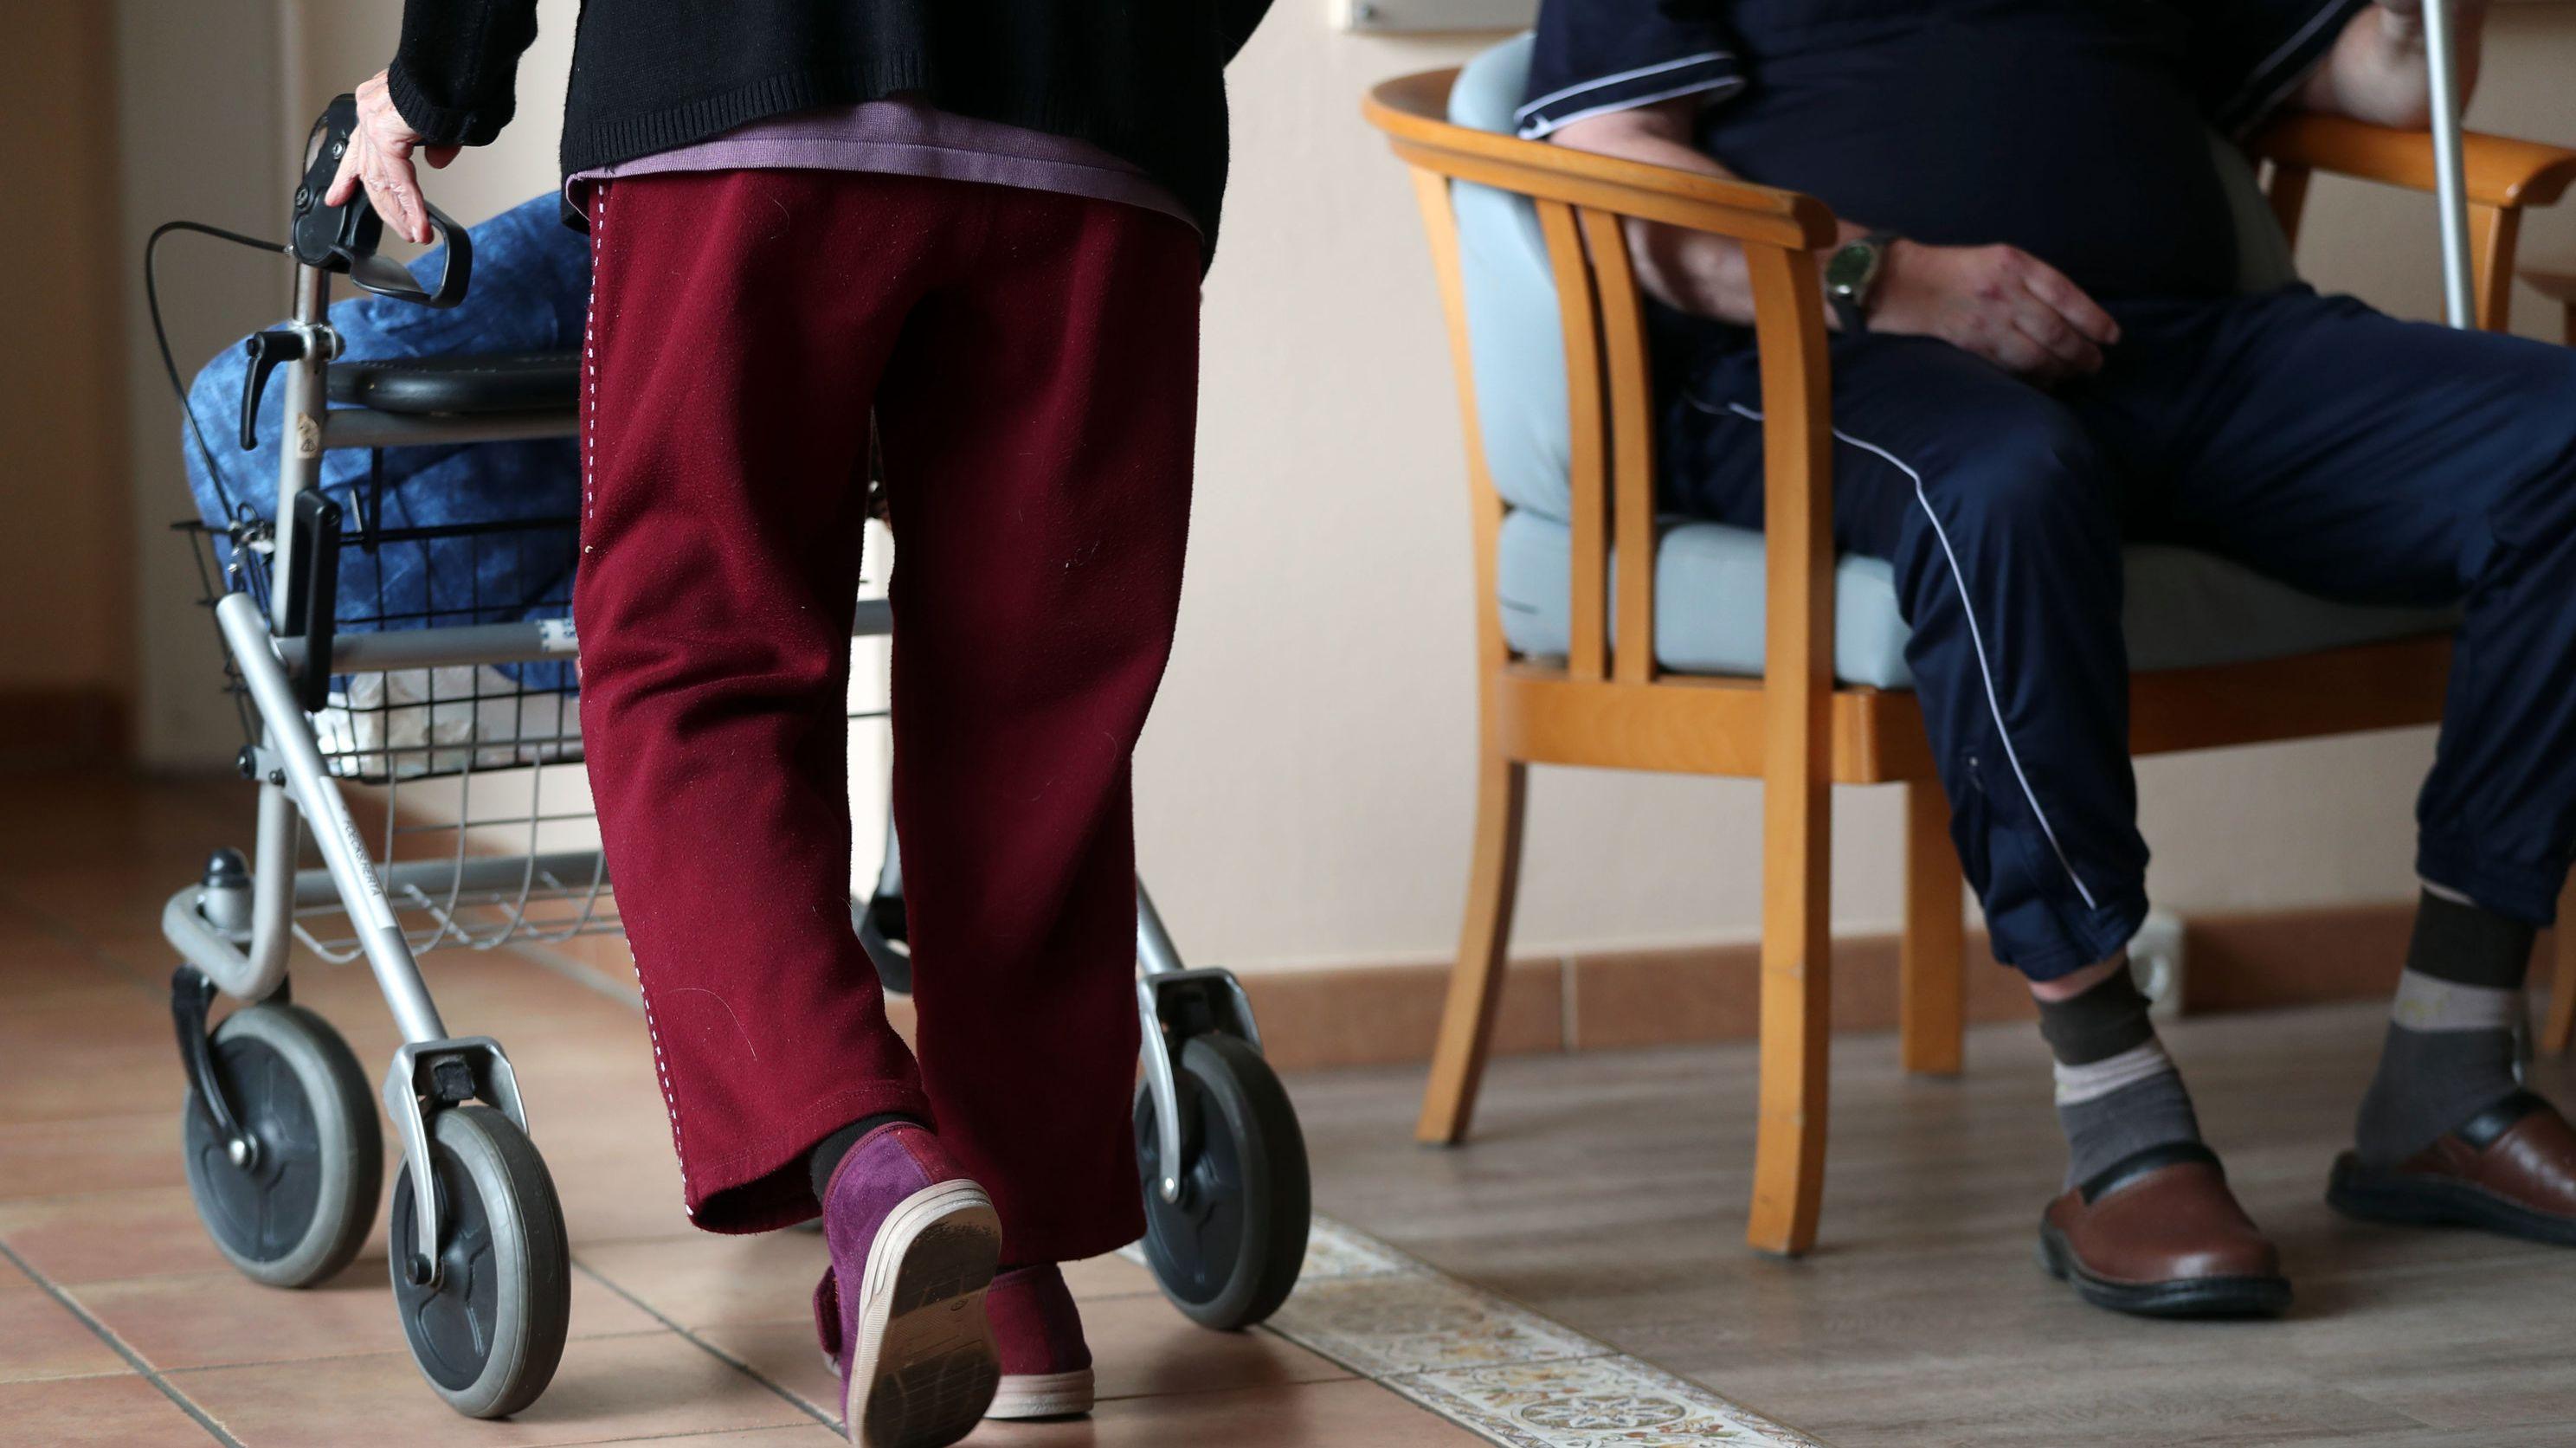 Eine ältere Frau geht mit einem Rollator über den Flur eines Pflegeheims in Mecklenburg-Vorpommern.